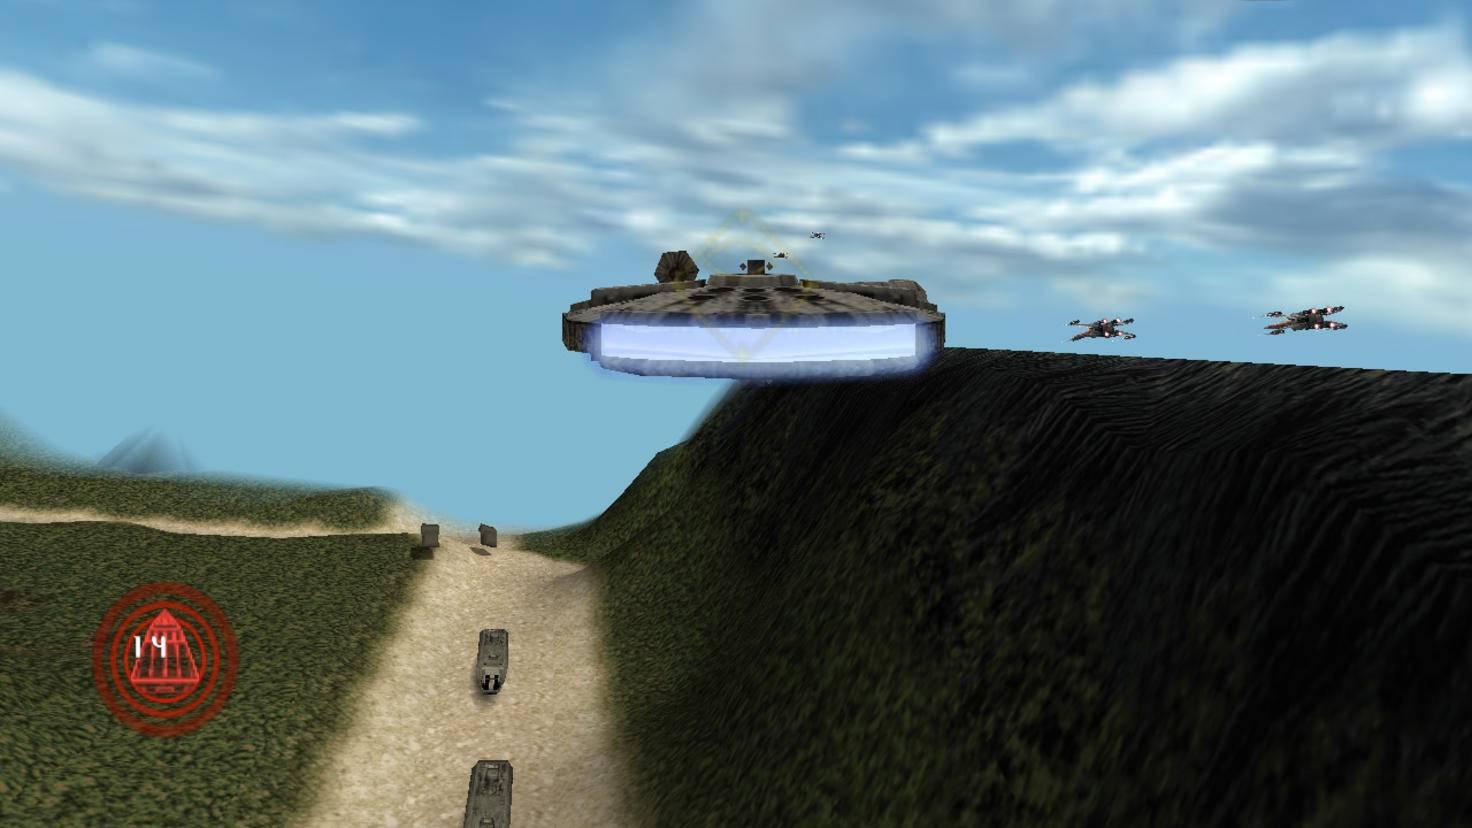 Im freispielbaren Millenium Falcon fällt die Eskorte eines Konvois etwas leichter.